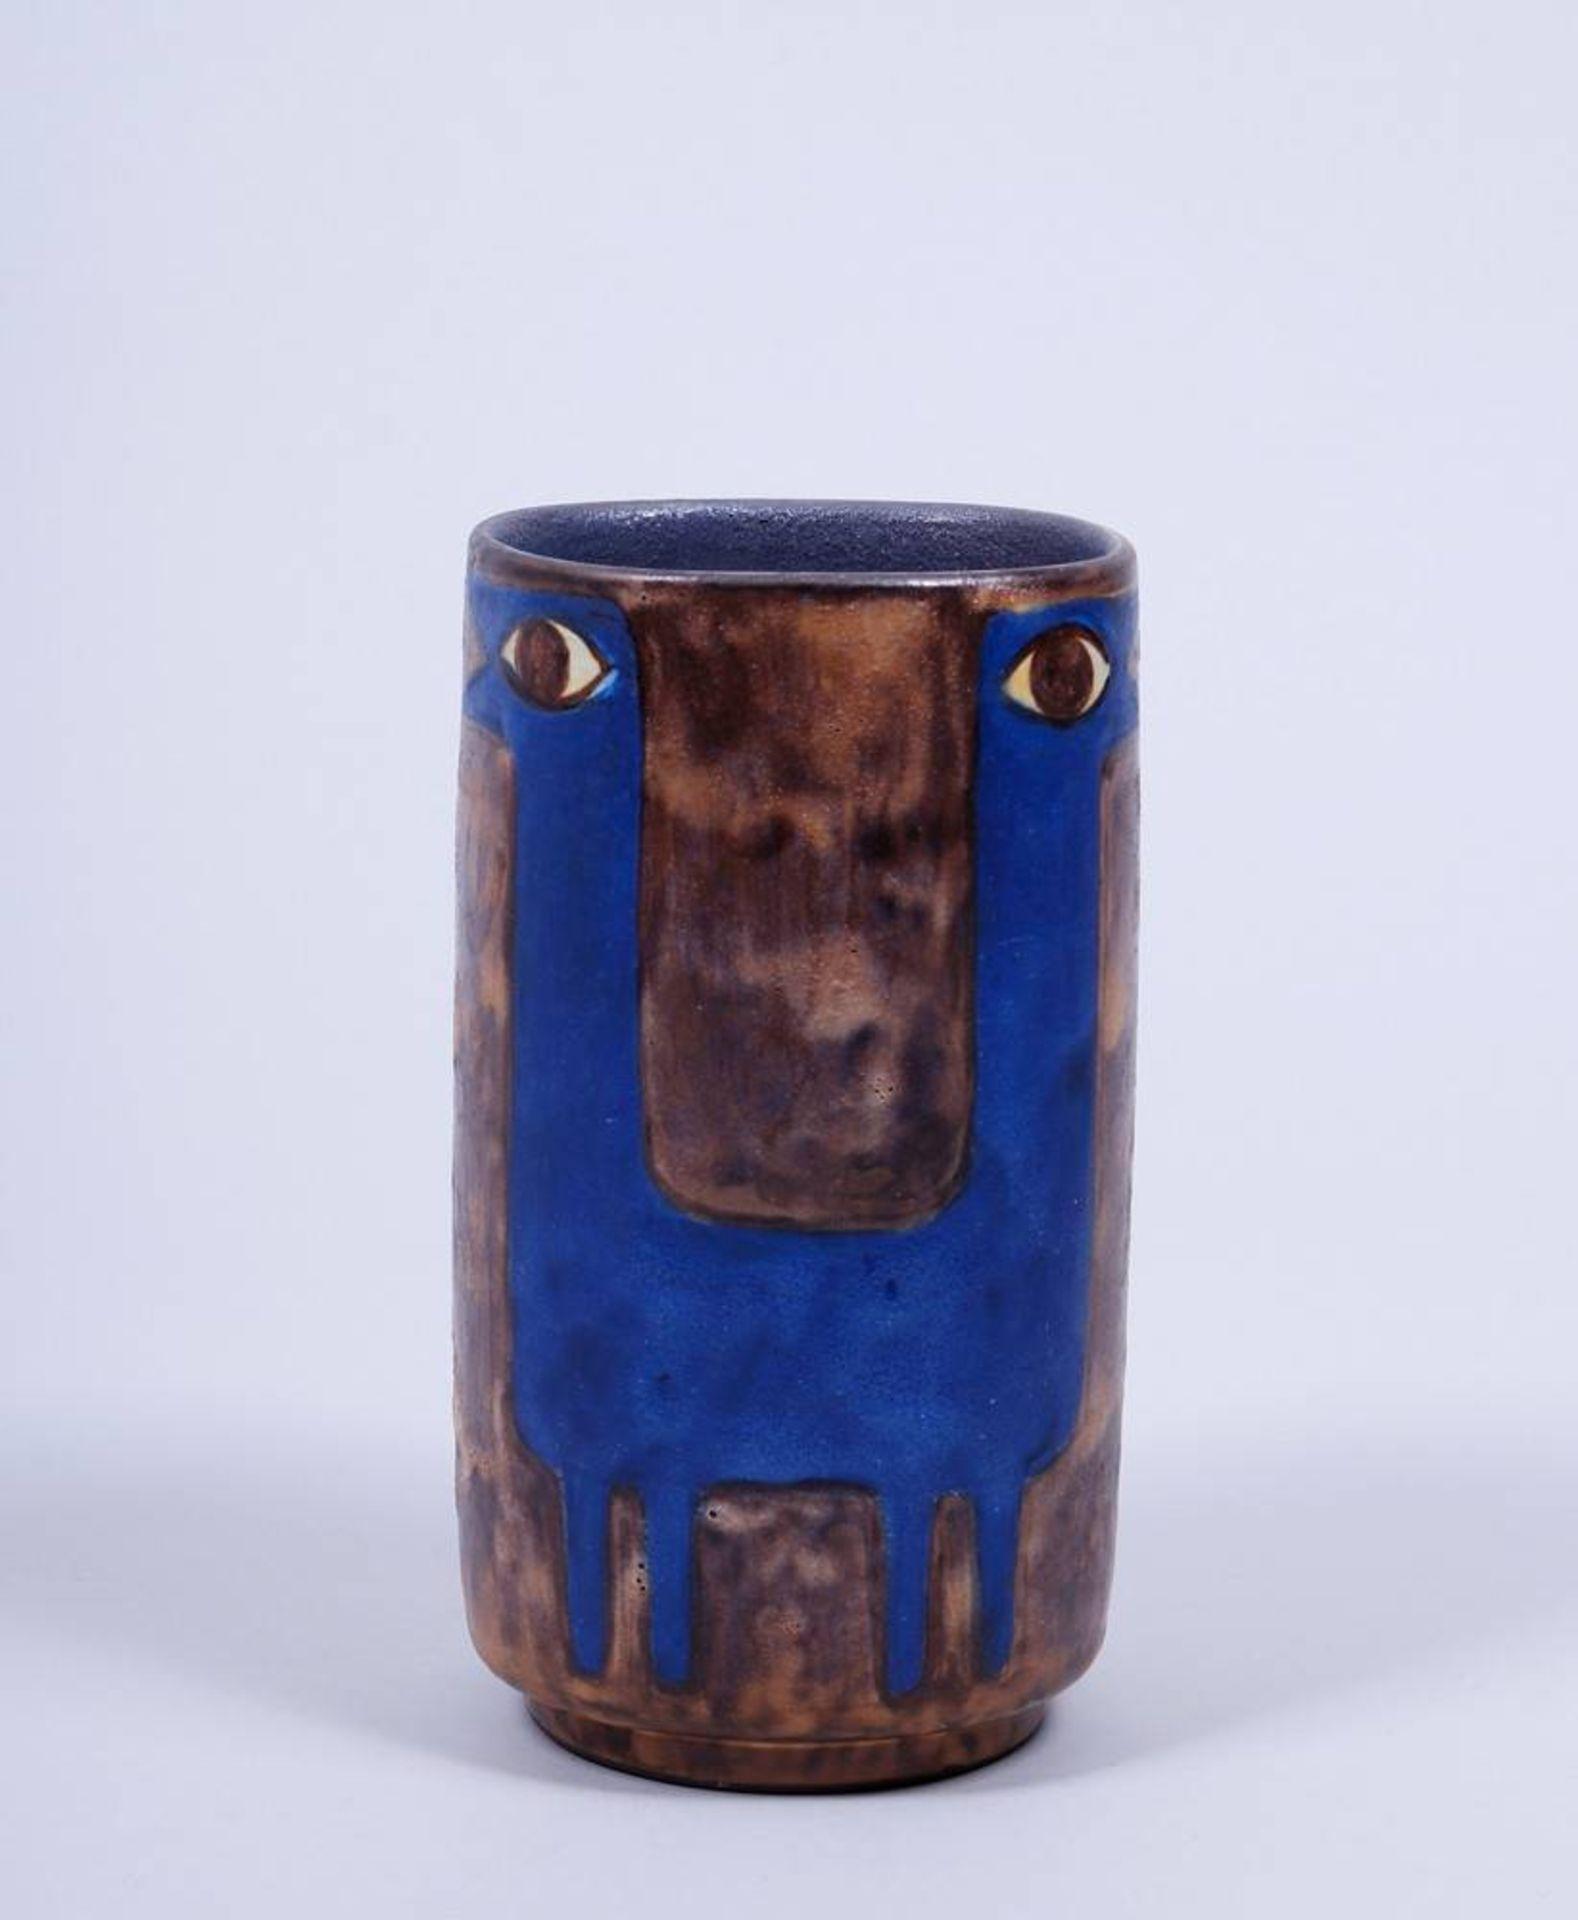 Vase, Entwurf Eva Fritz-Lindner (1933-2017) für Staatliche Majolika Manufaktur Karlsruhe, um 1970 - Bild 2 aus 3